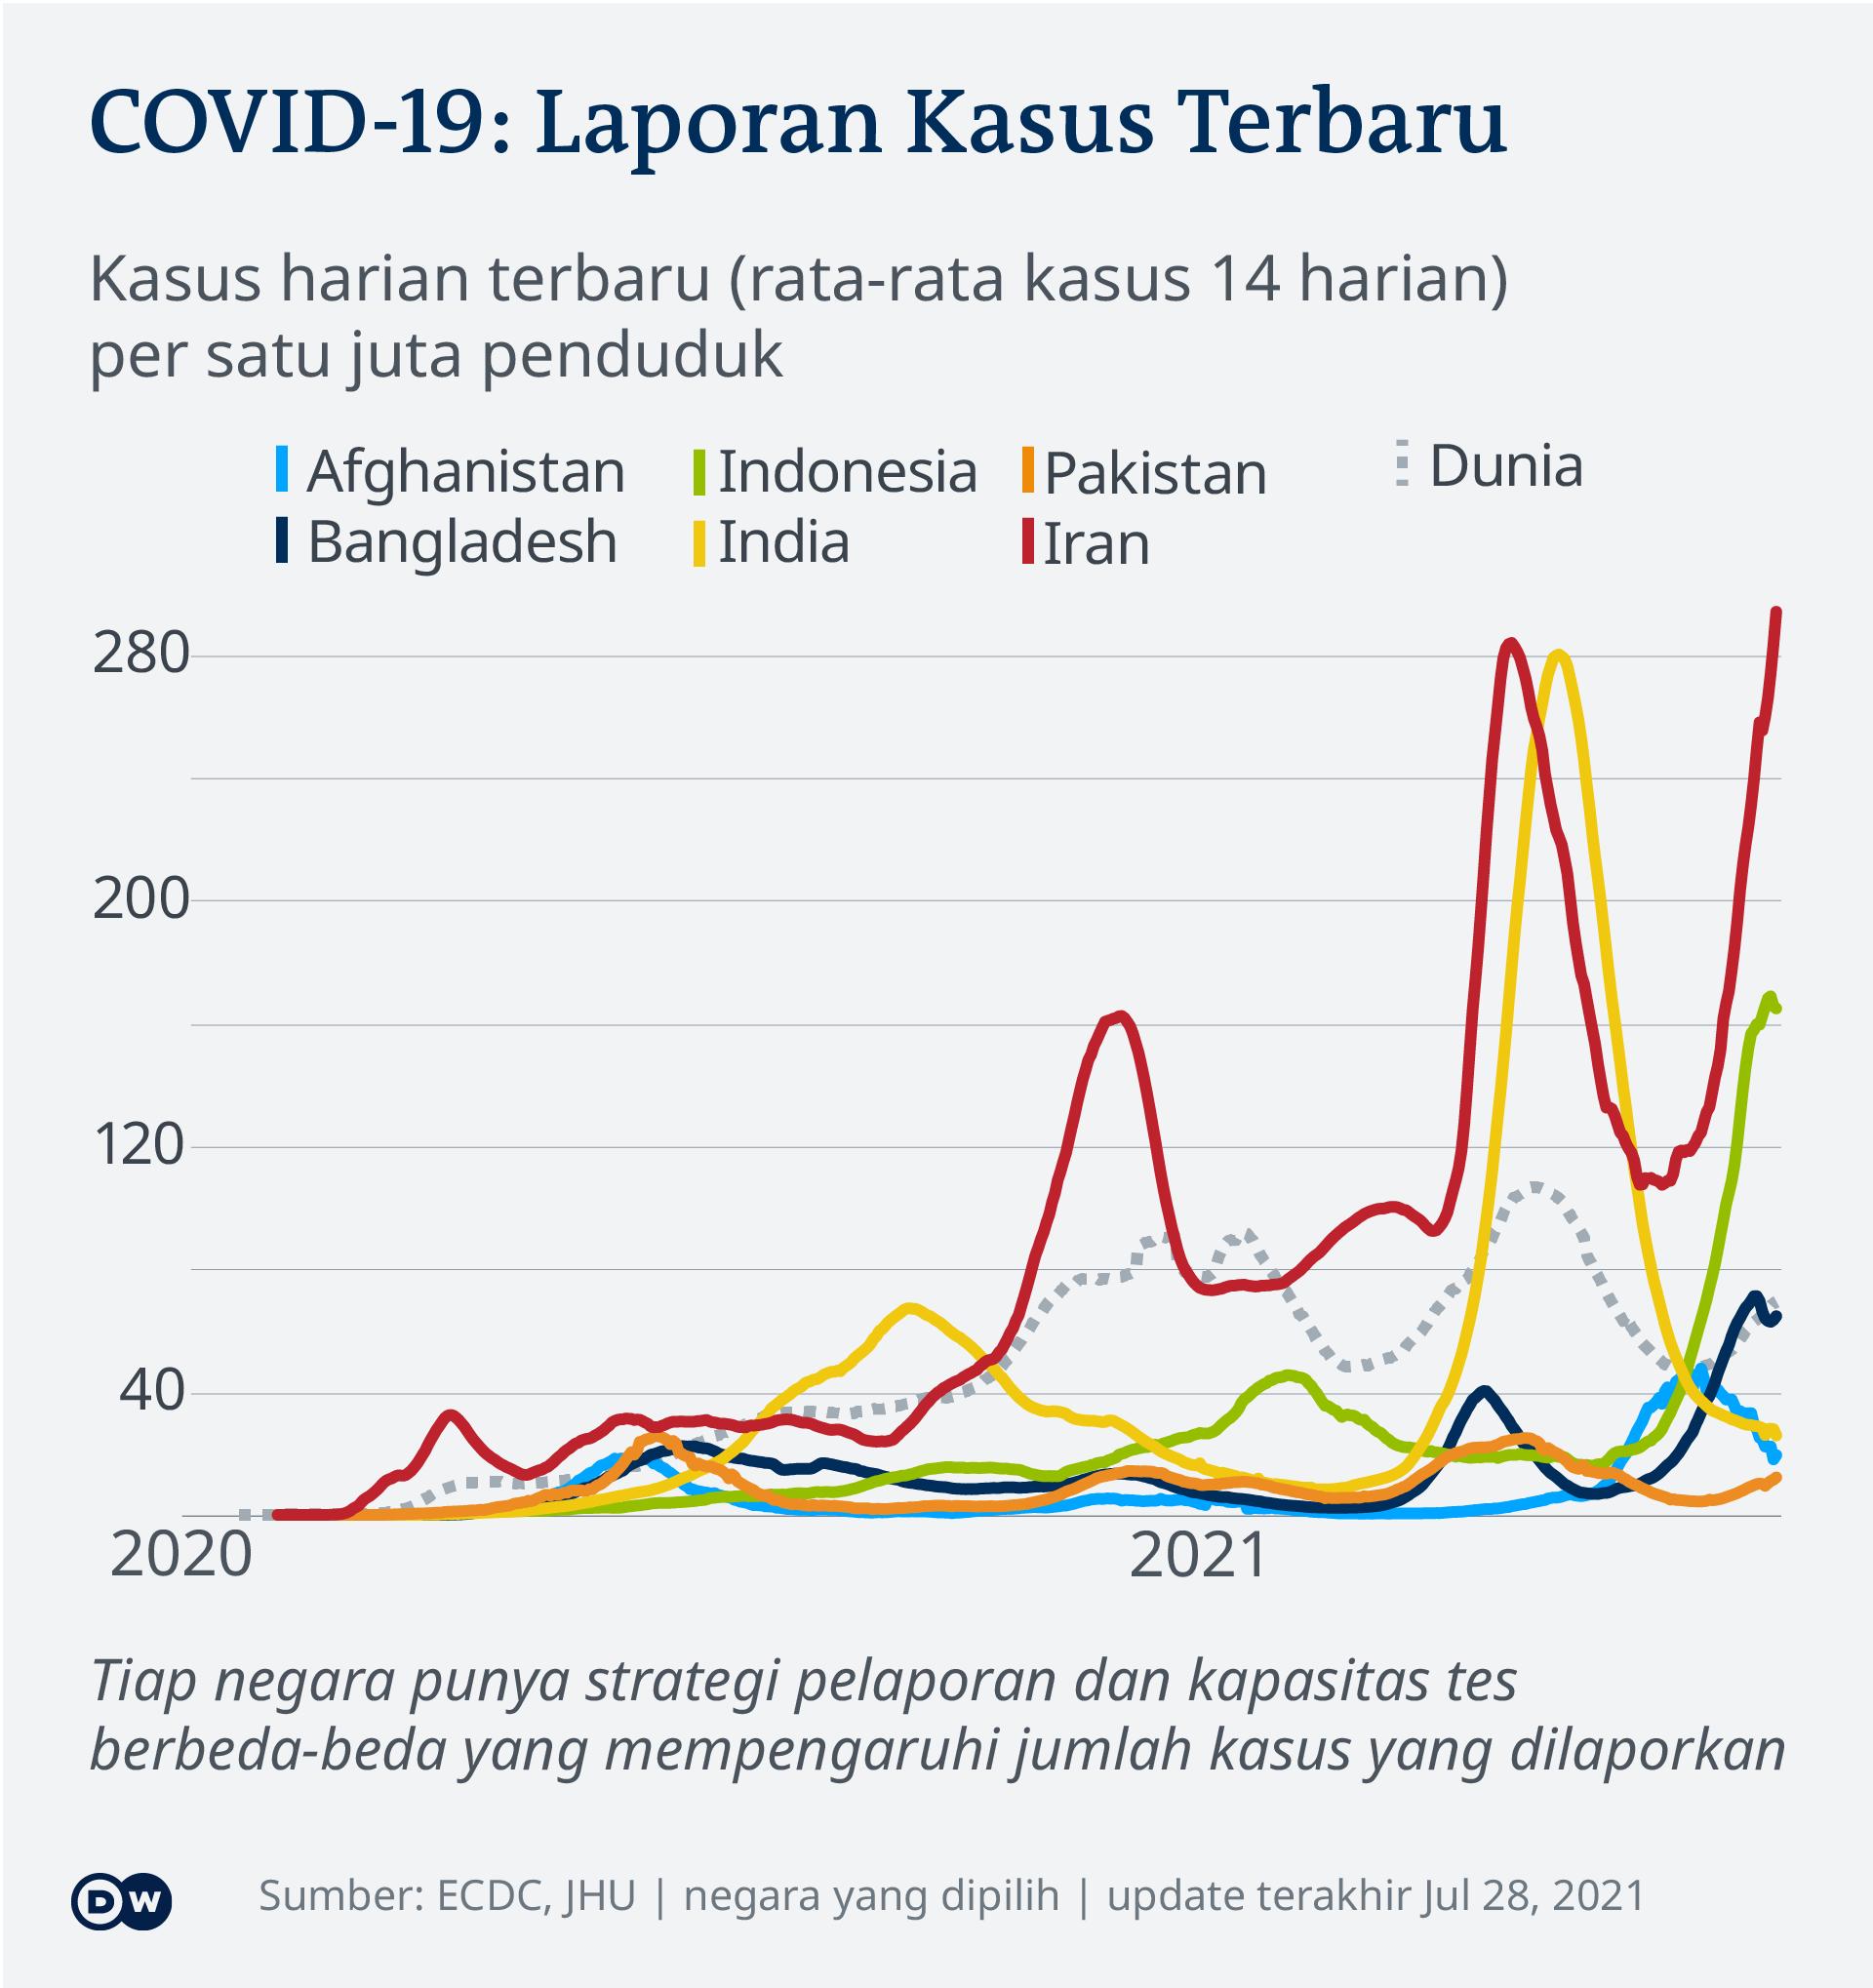 Data kasus harian terbaru COVID-19 di beberapa negara Asia